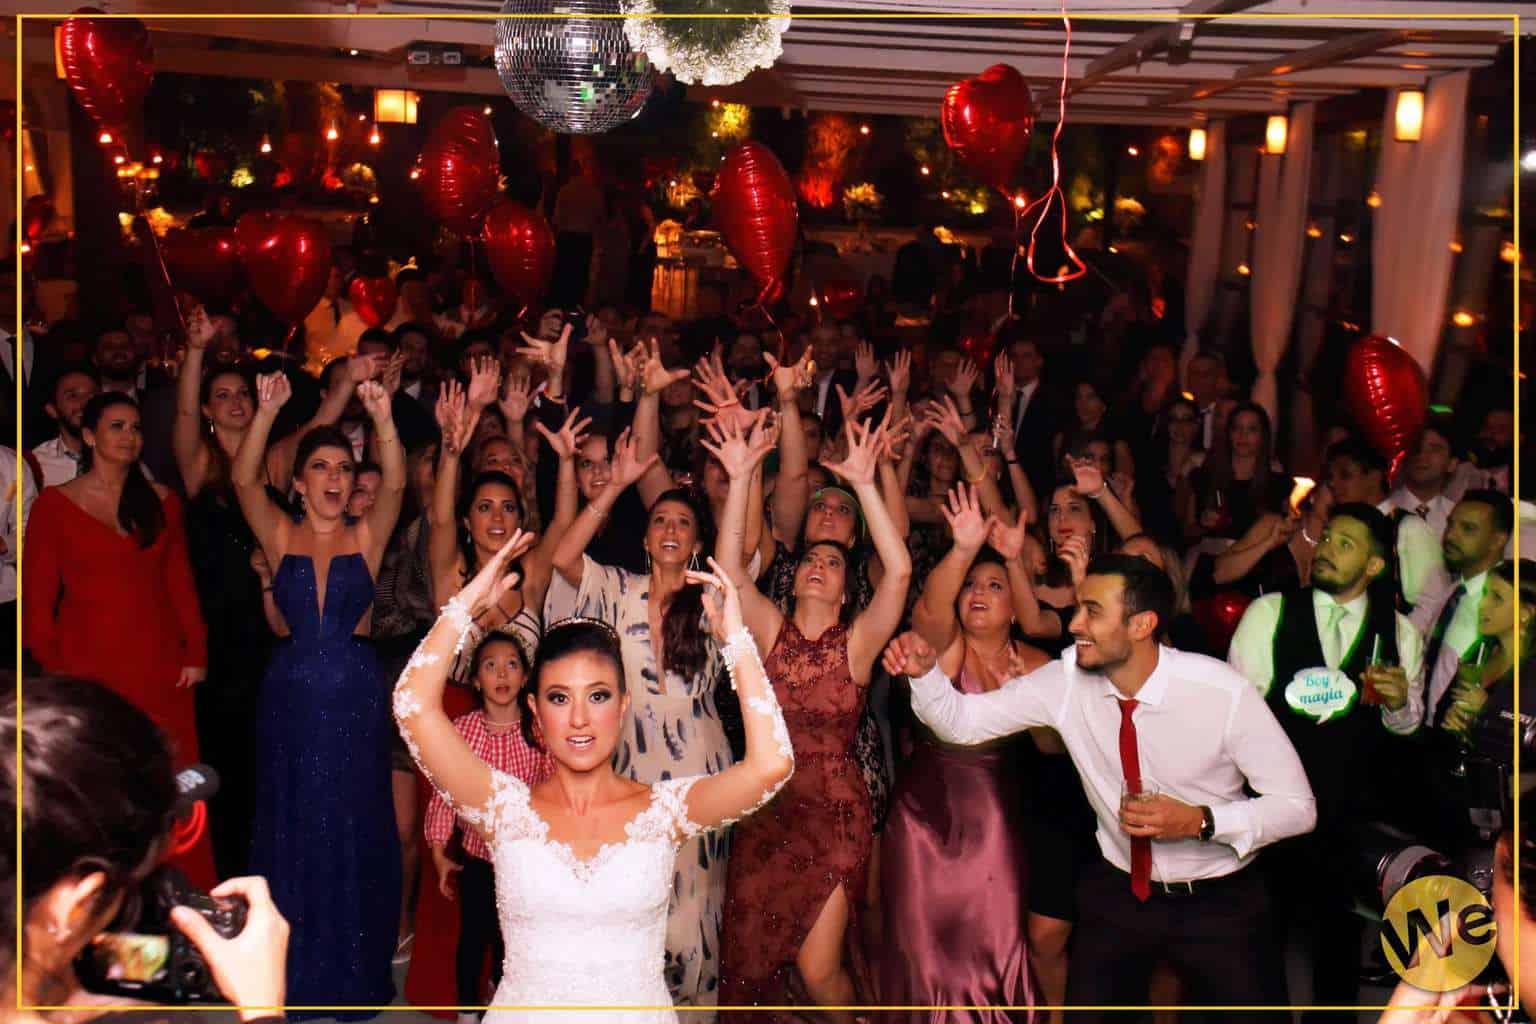 We-Clubbing-1-Out-Canoas-Case-Me-05